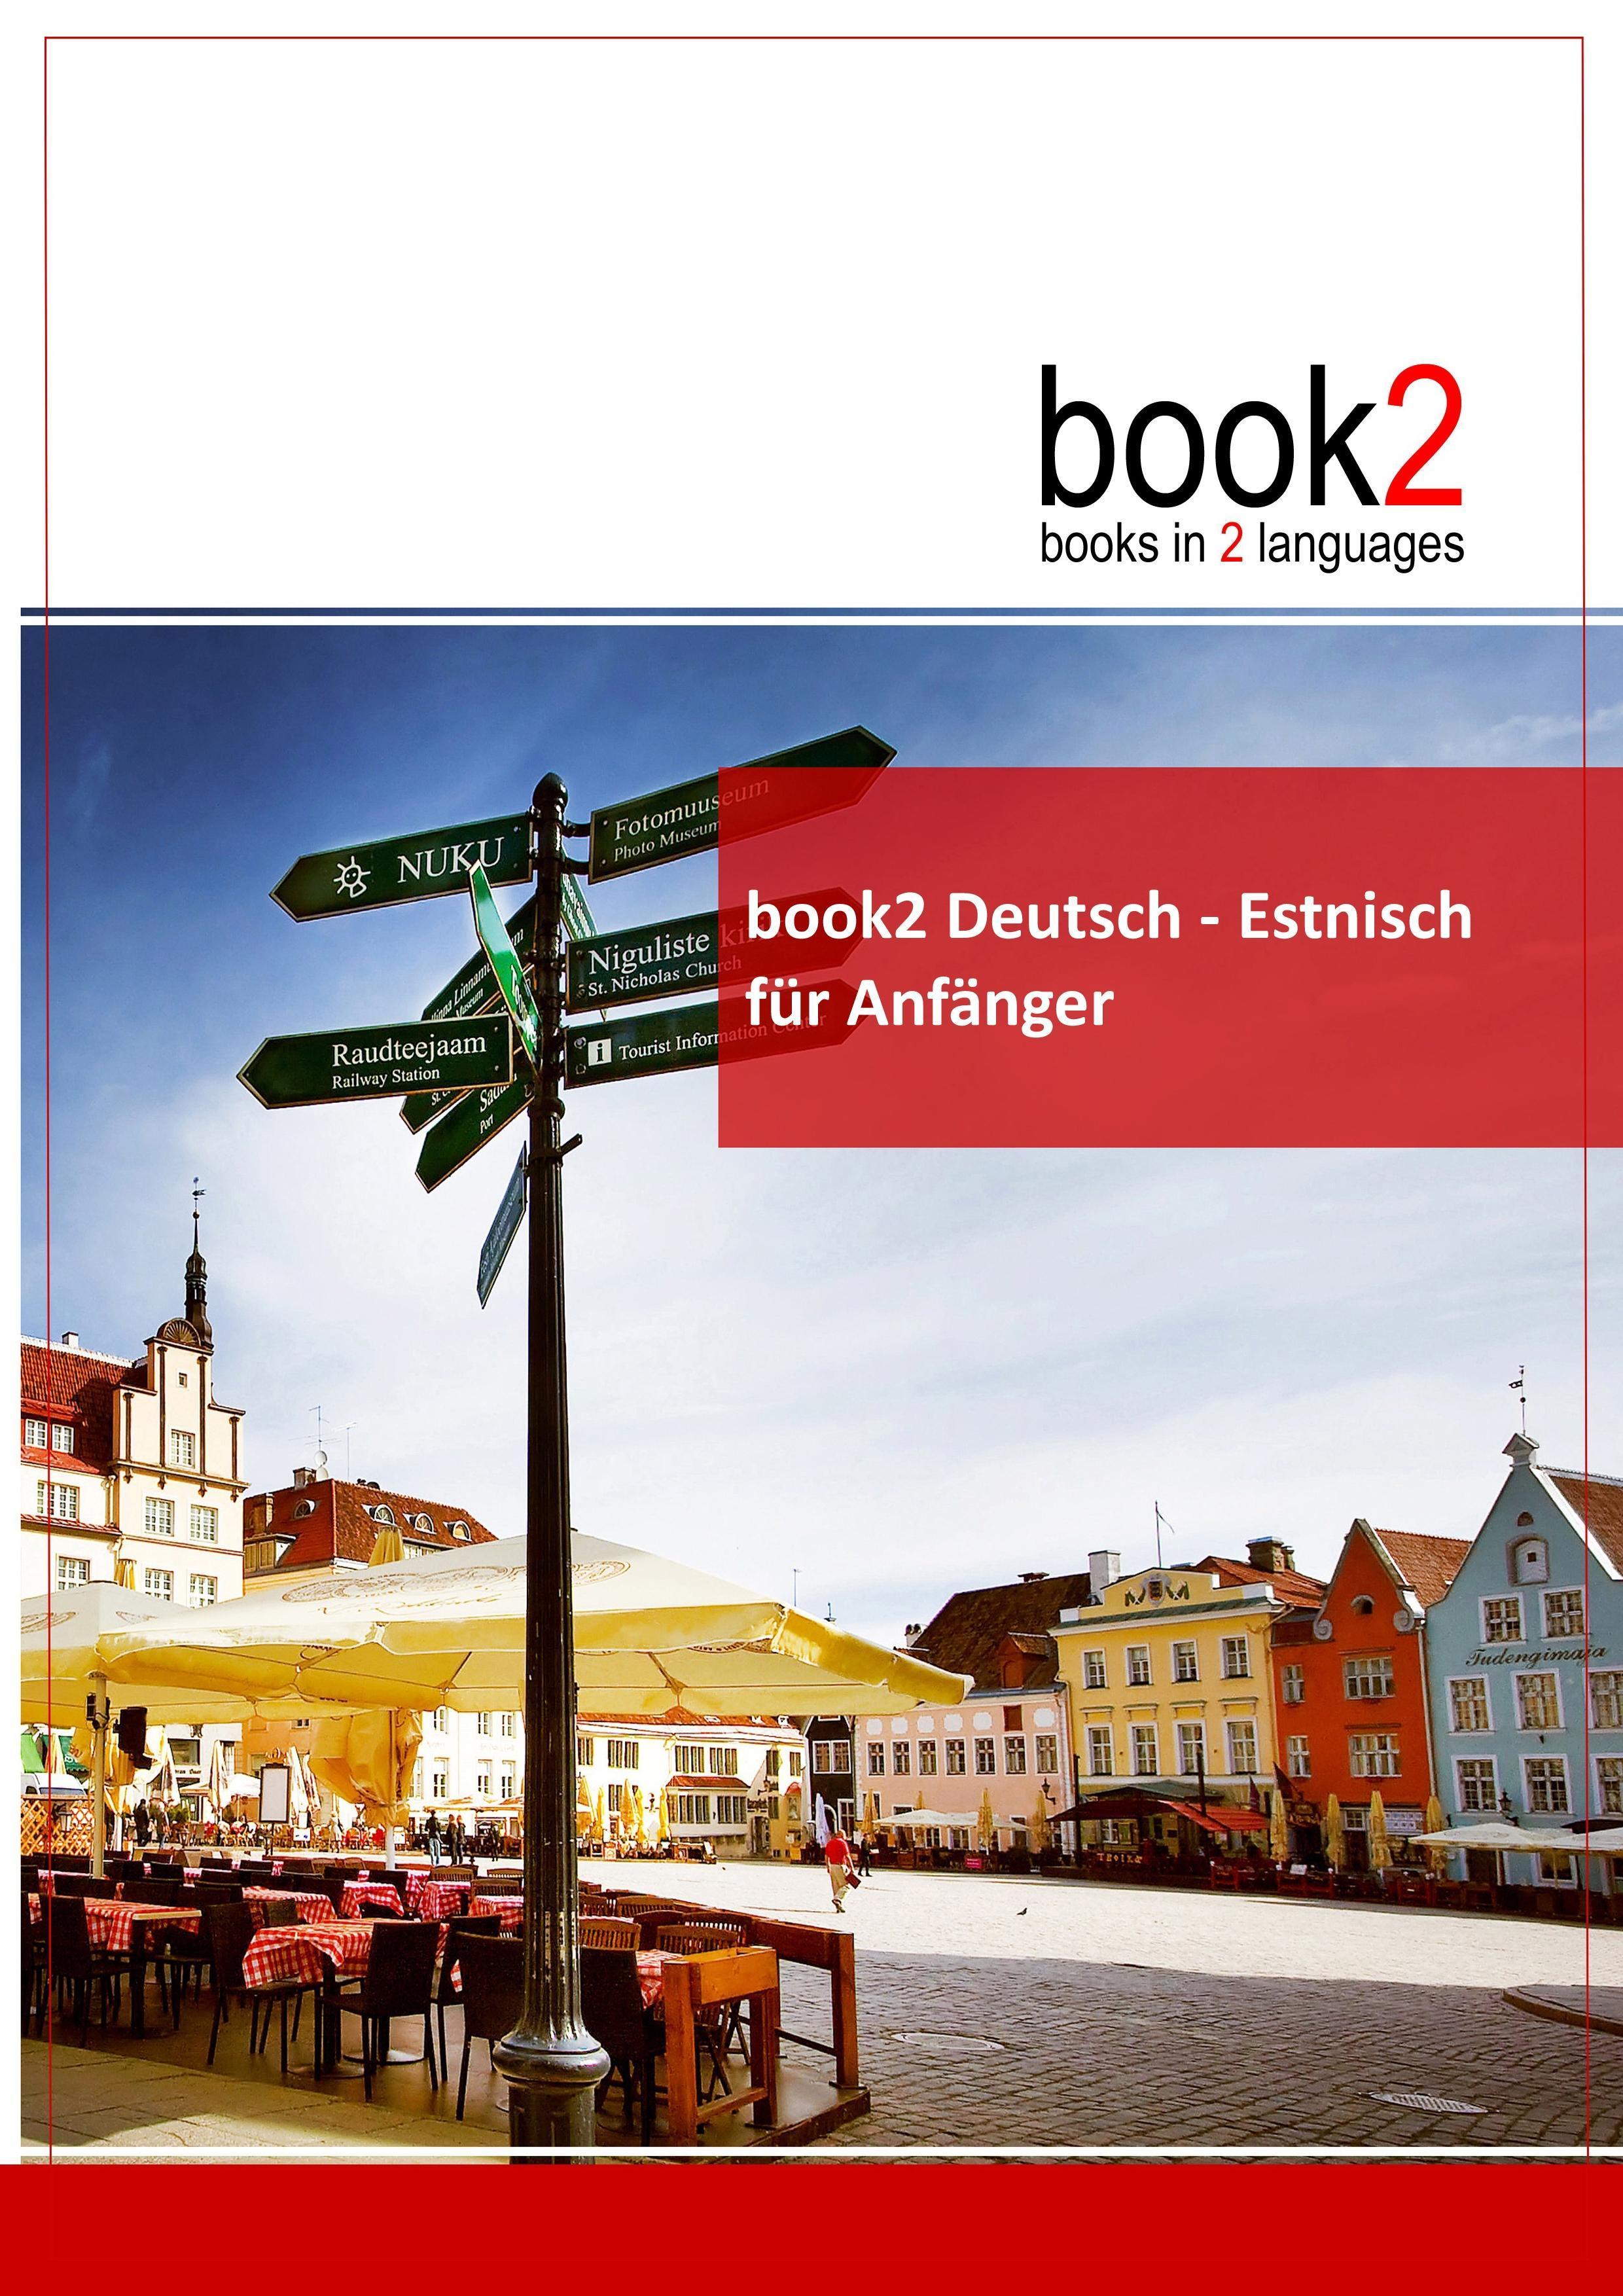 book2 Deutsch - Estnisch für Anfänger  Ein Buch in 2 Sprachen  Johannes Schumann  Taschenbuch  Paperback  Deutsch  2017 - Schumann, Johannes